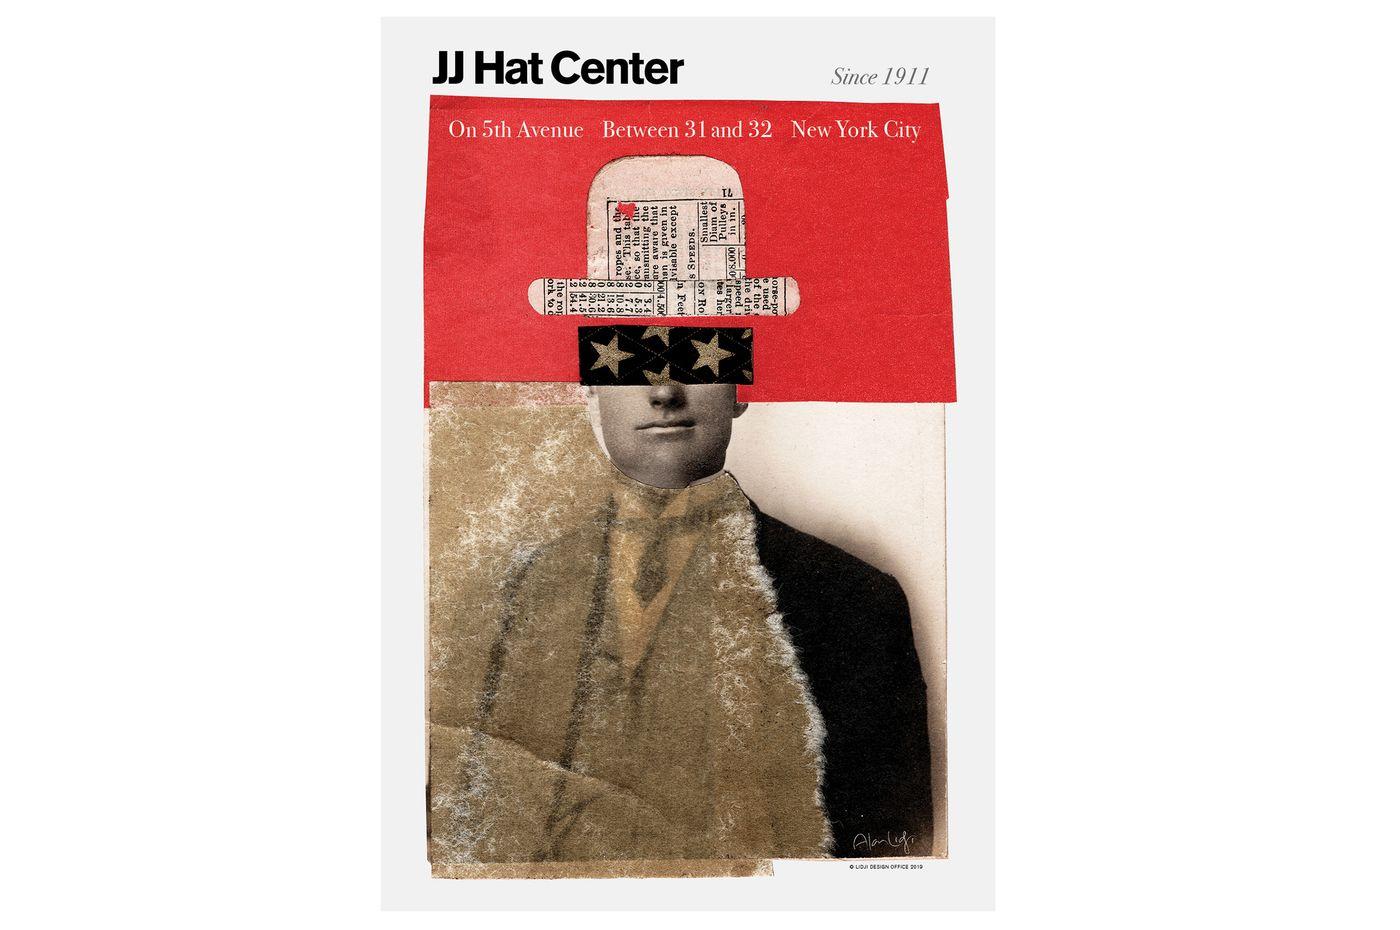 JJHatCenter.jpg